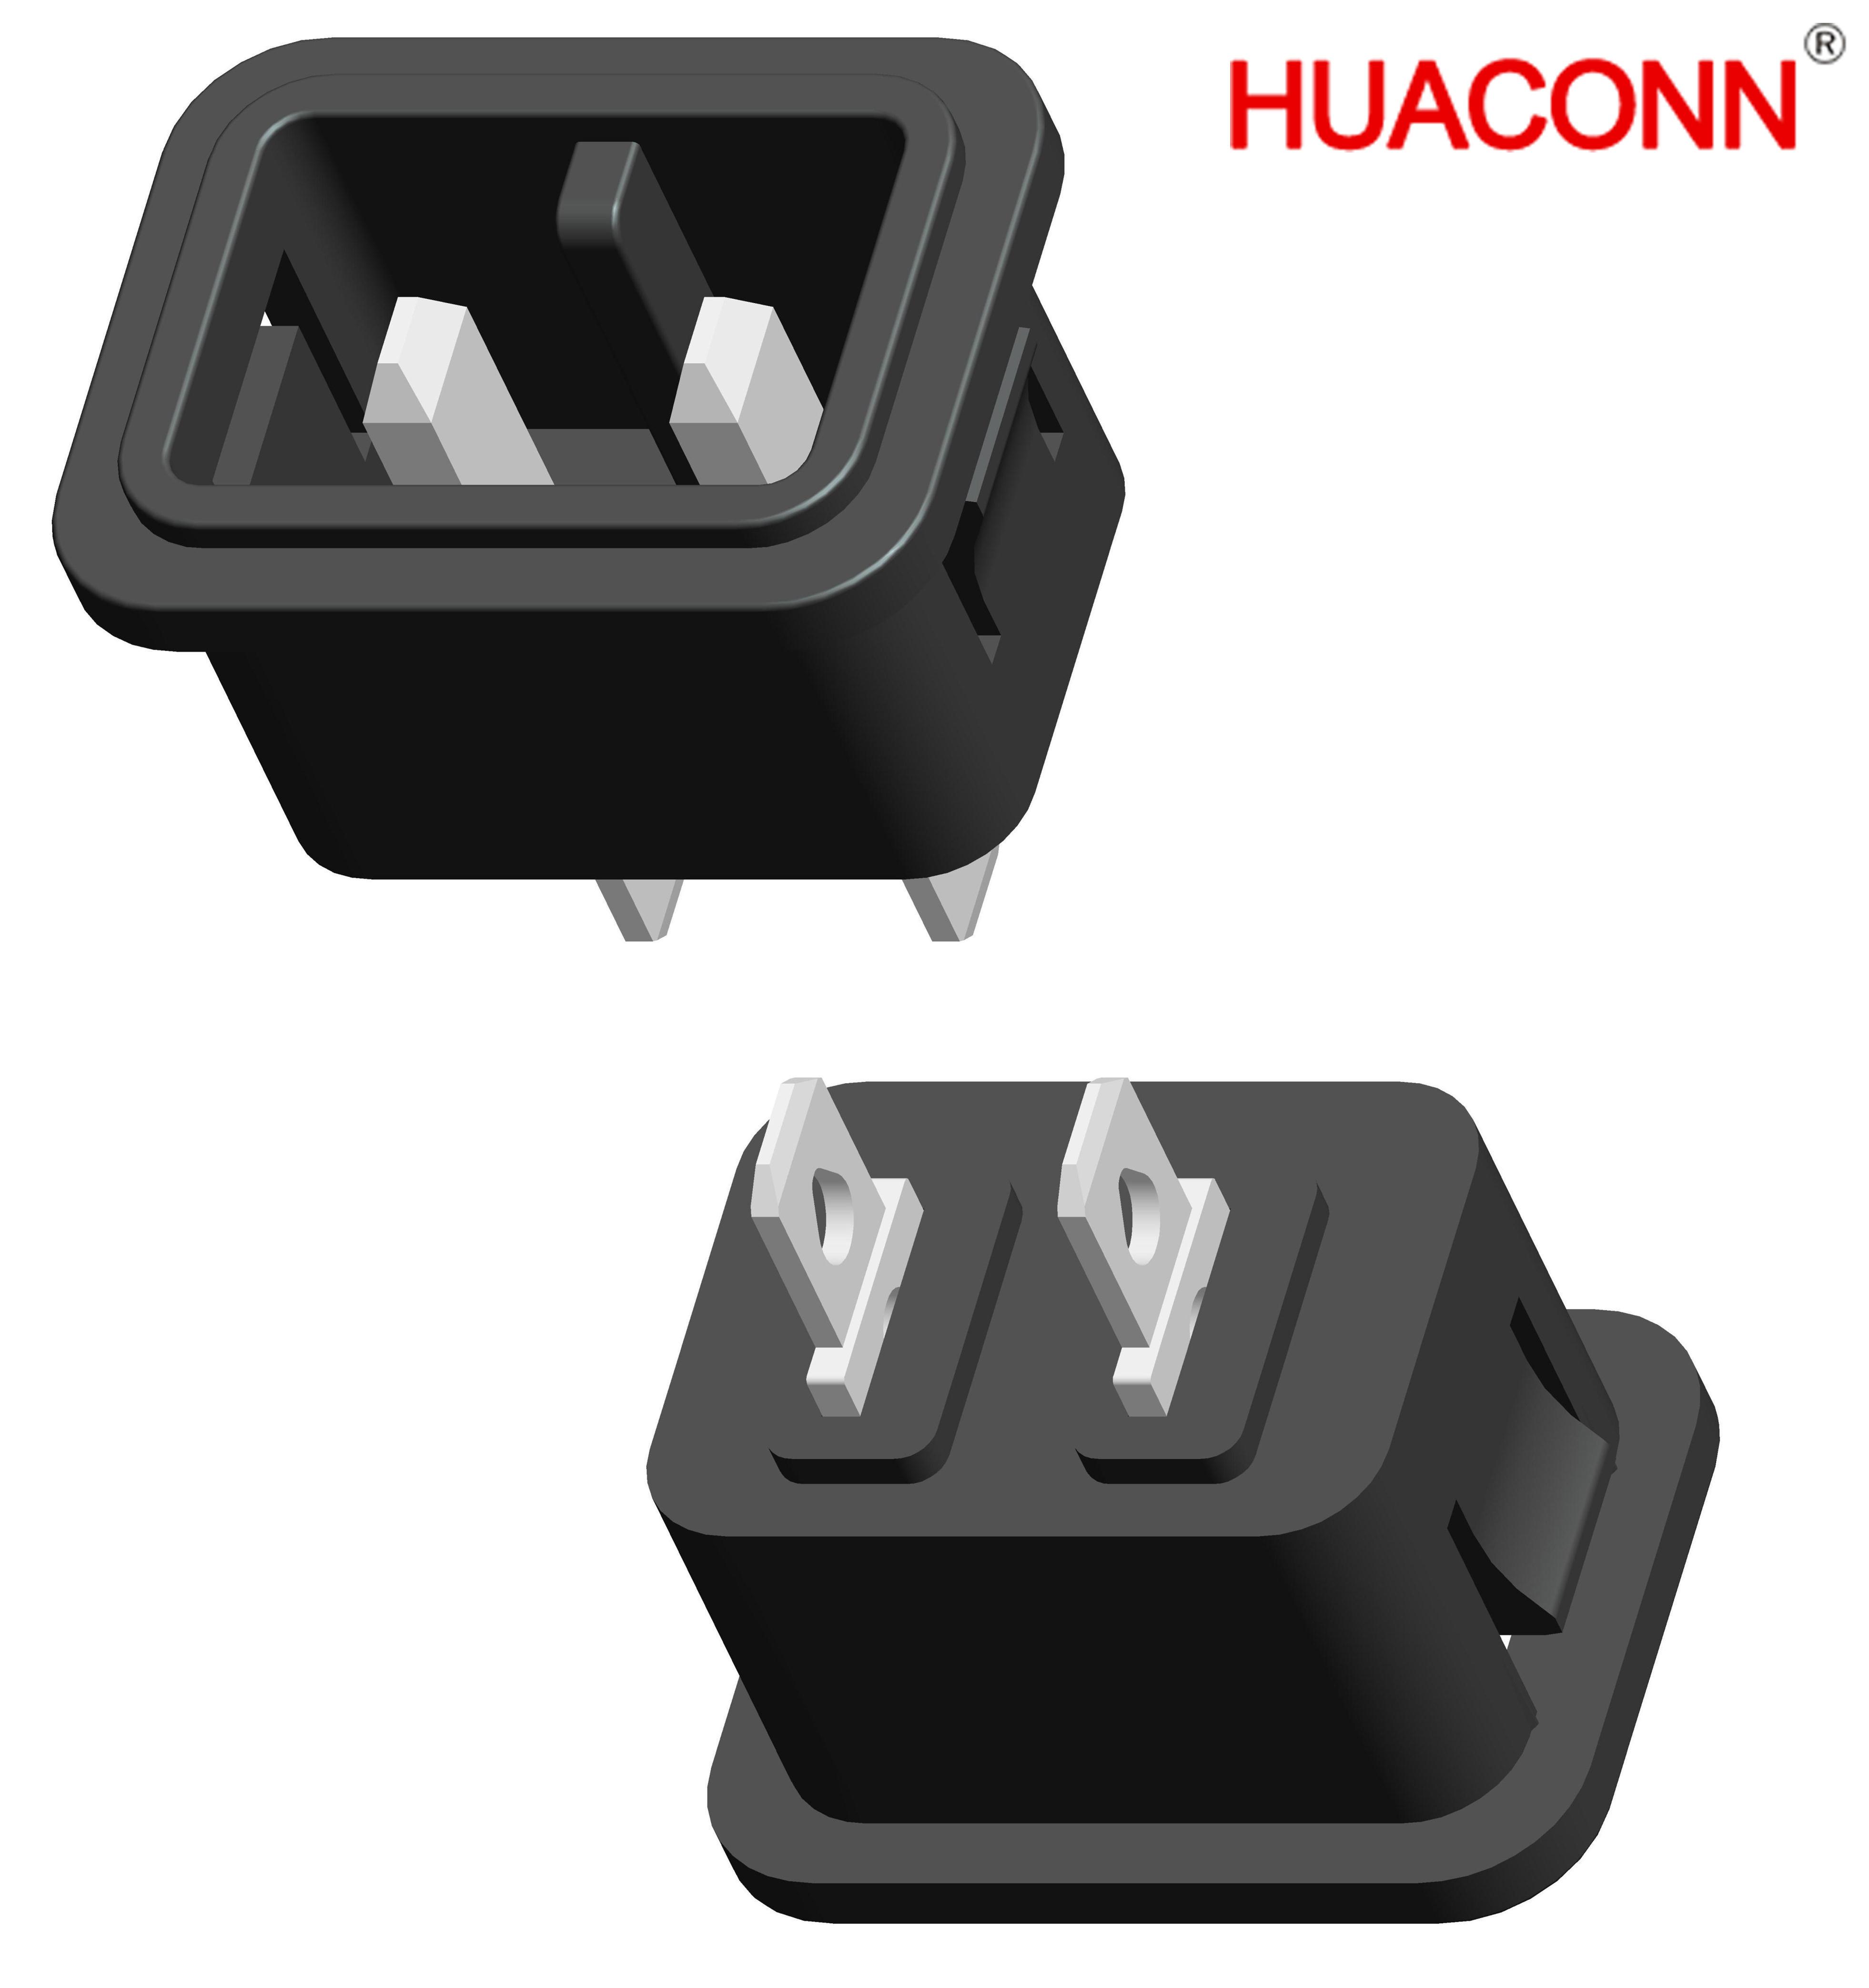 HC-99-09A0B20-S09